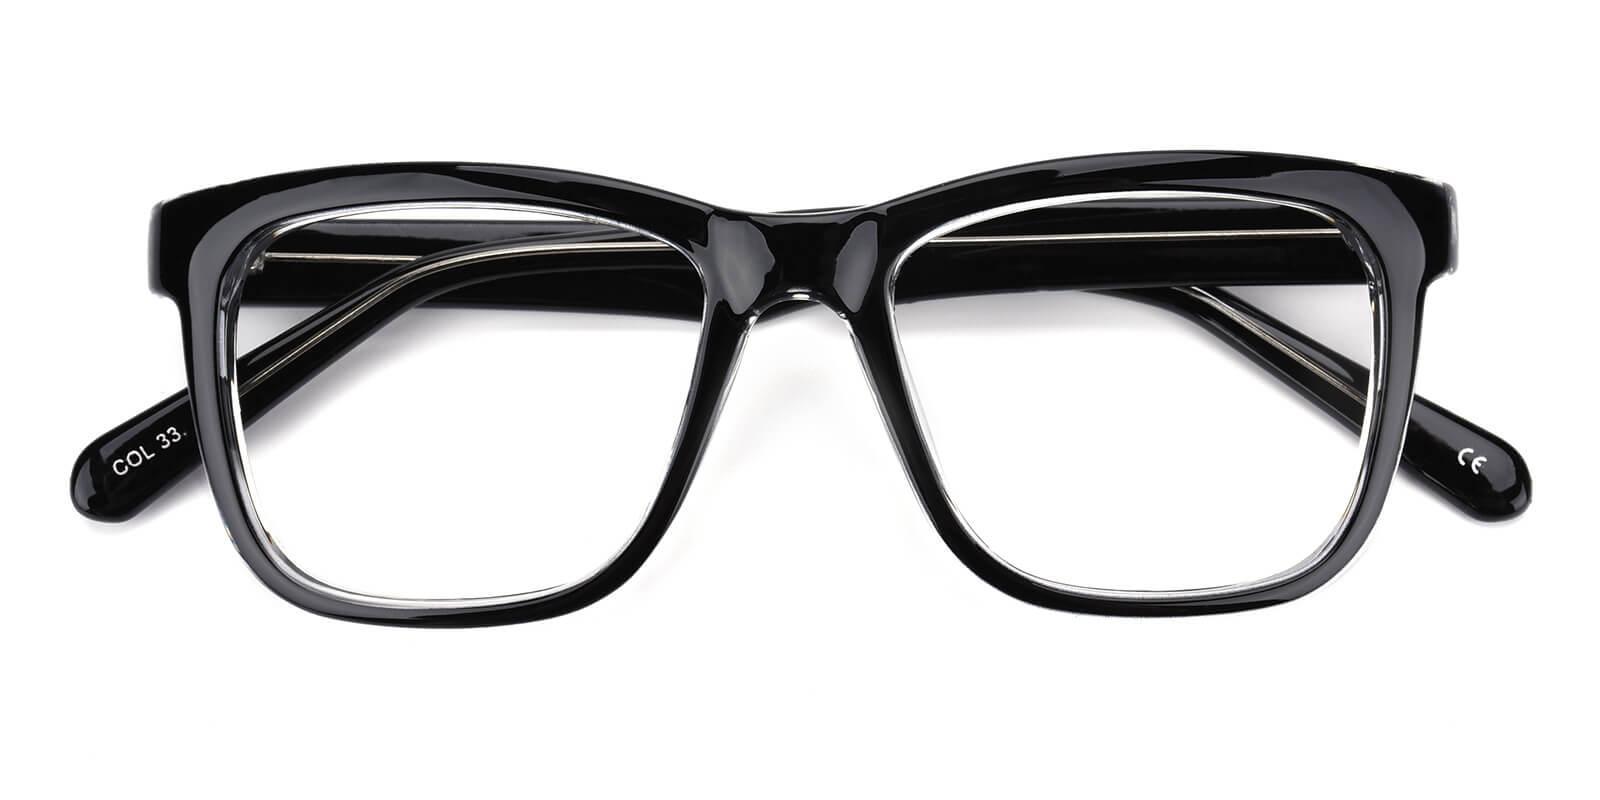 Colaan-Translucent-Square-Plastic-Eyeglasses-detail